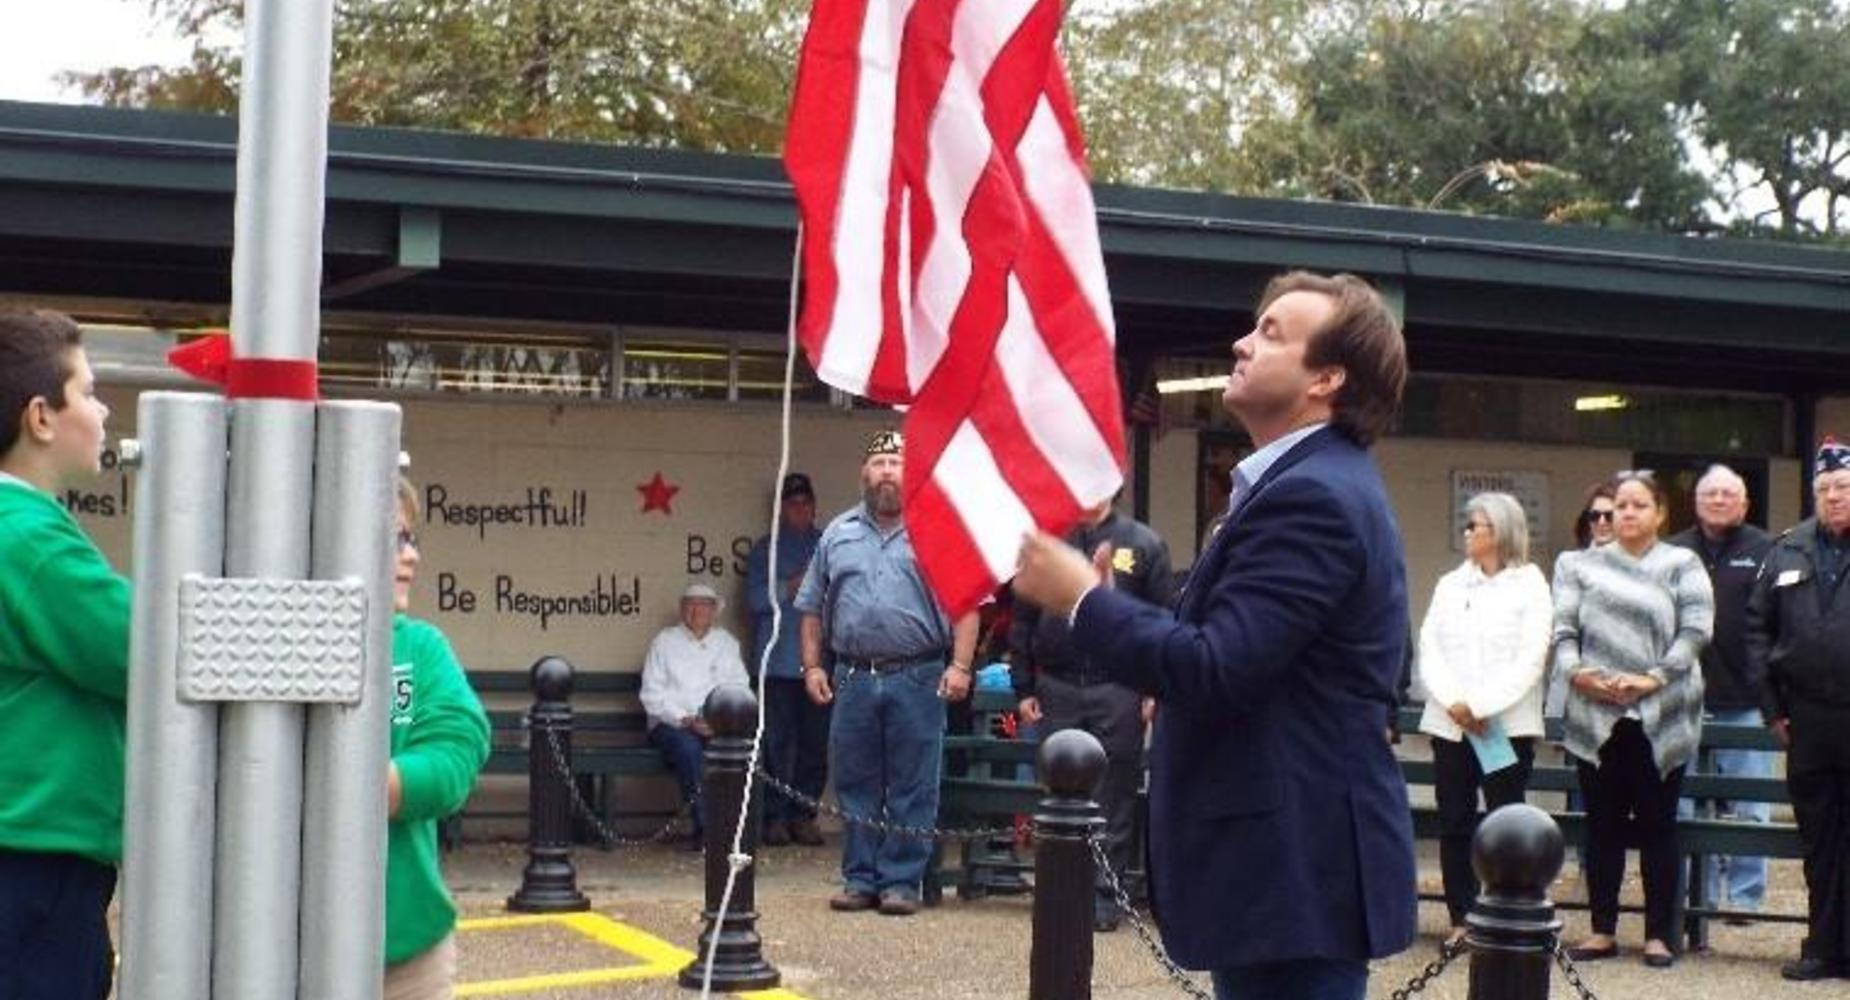 Raising of the new flag